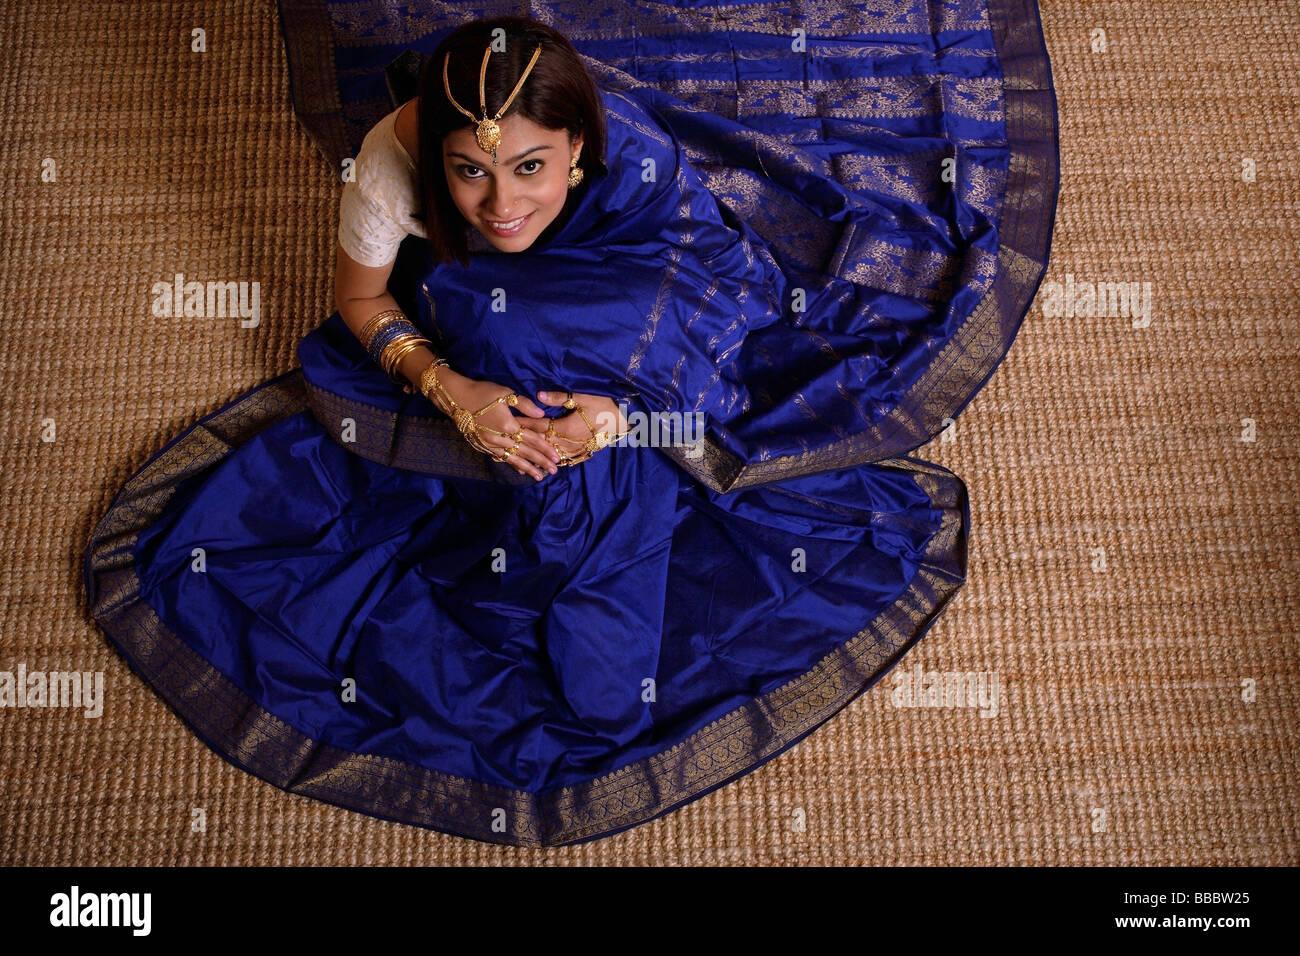 Donna indiana tradizionale da indossare gioielli di nozze Immagini Stock